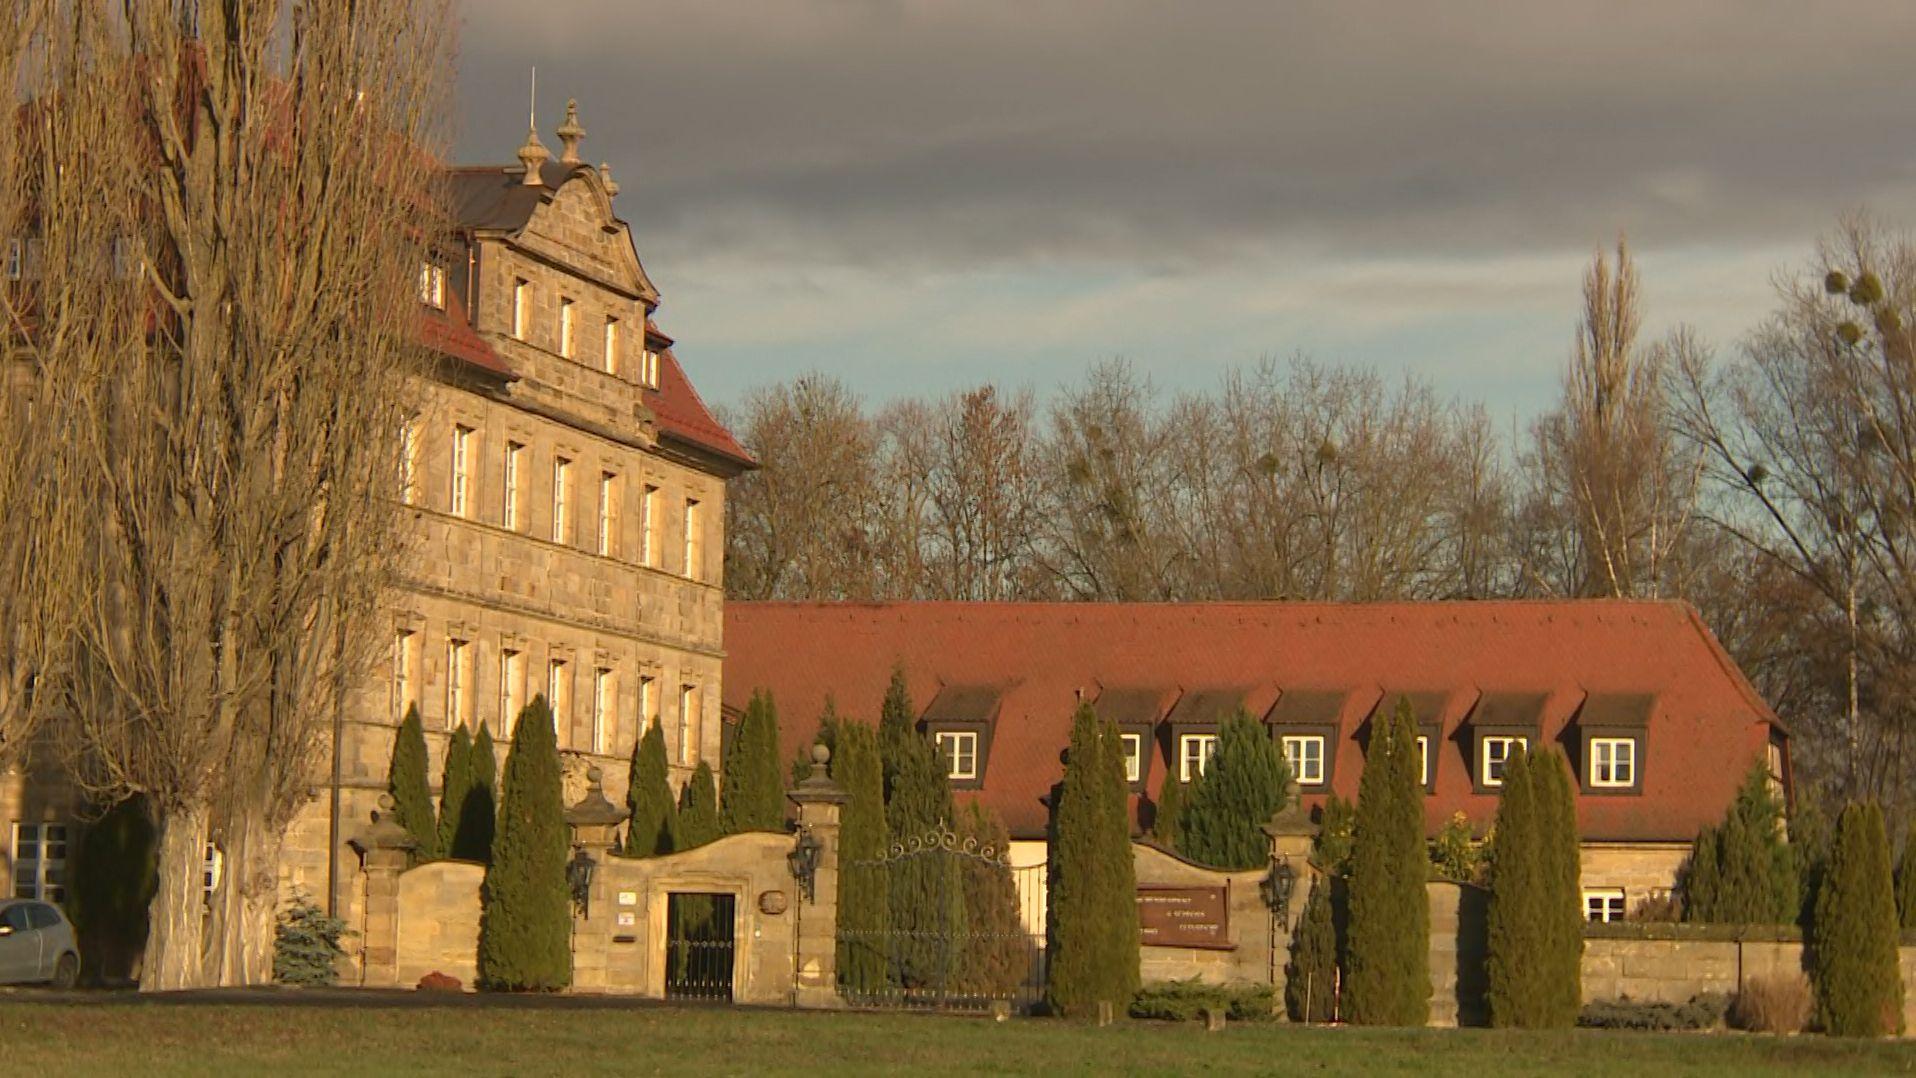 Gebäude der Seniorenresidenz Gleusdorf.